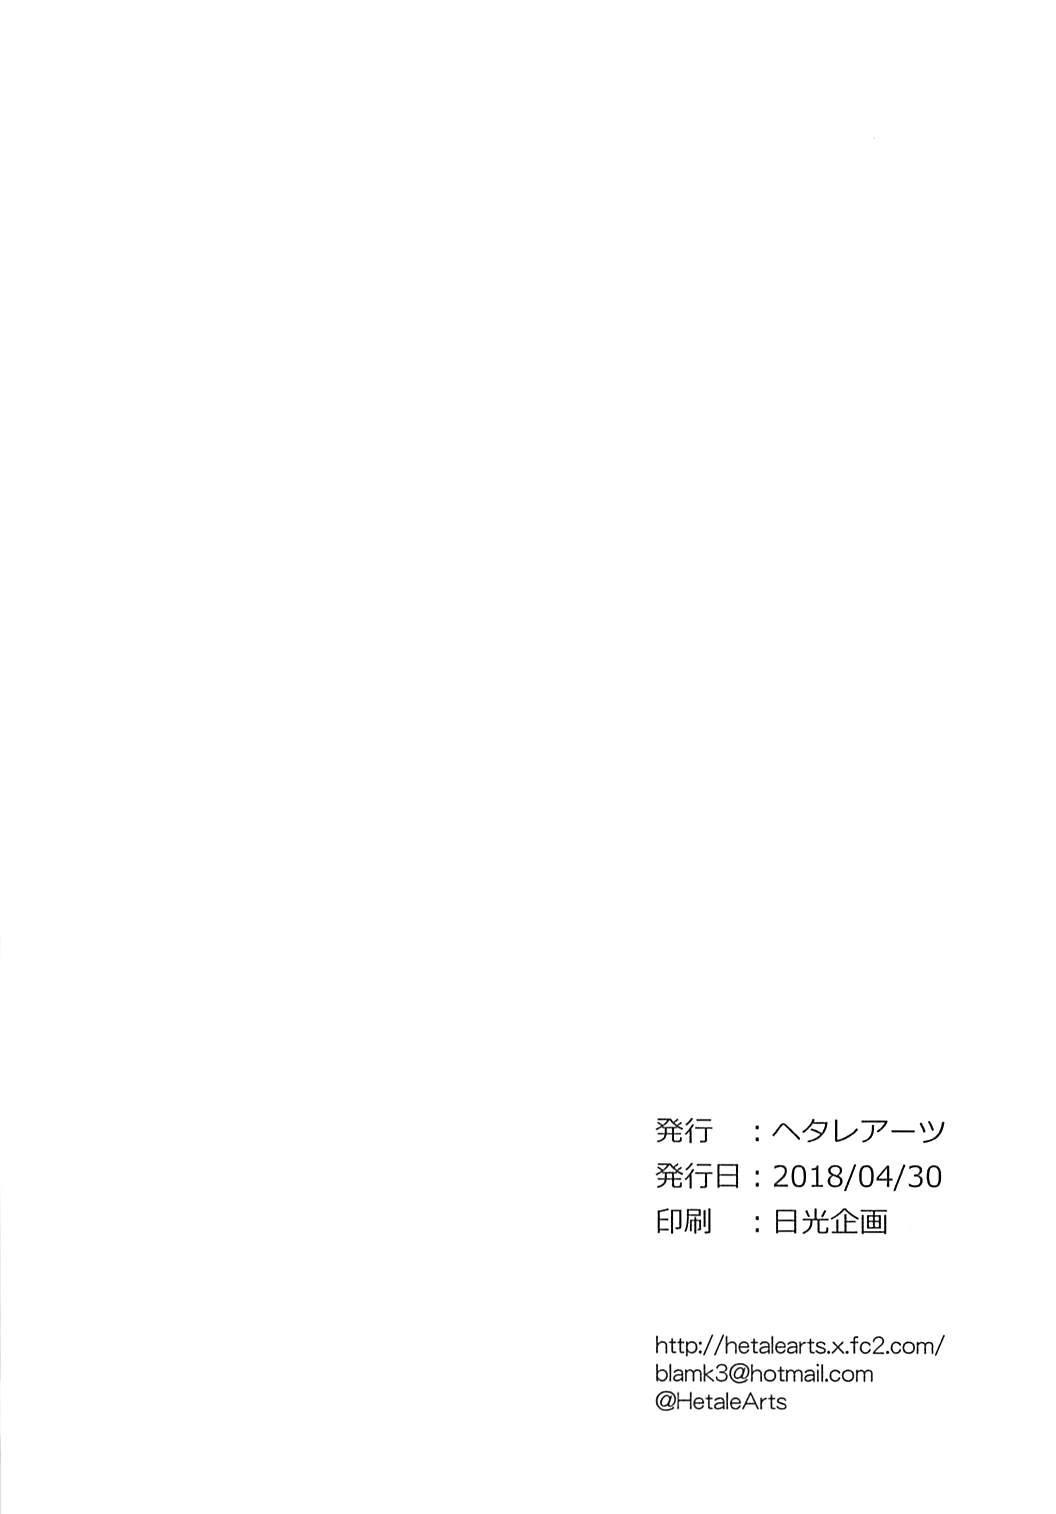 Tsutaeru Kimochi Tsutawaru Kotoba 20